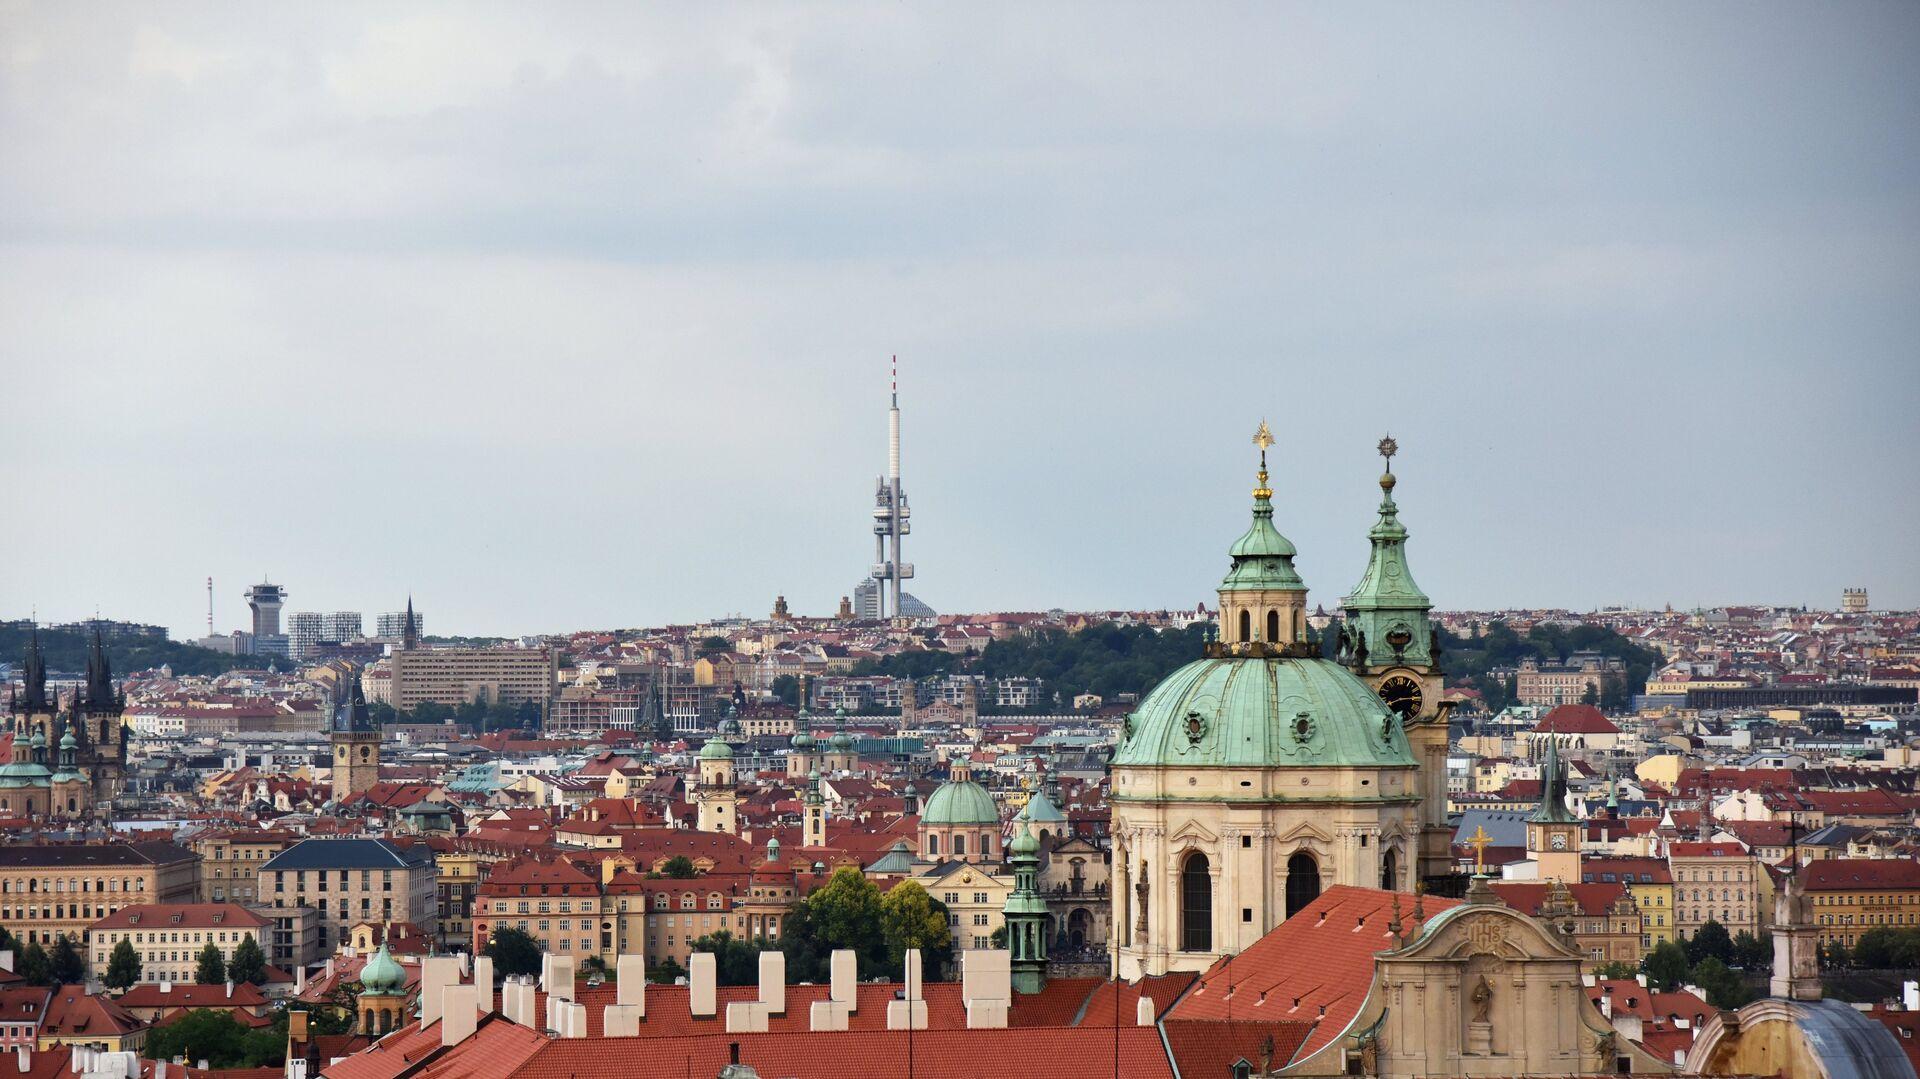 Костел святого Микулаша на Малой Стране в Праге - РИА Новости, 1920, 08.05.2021